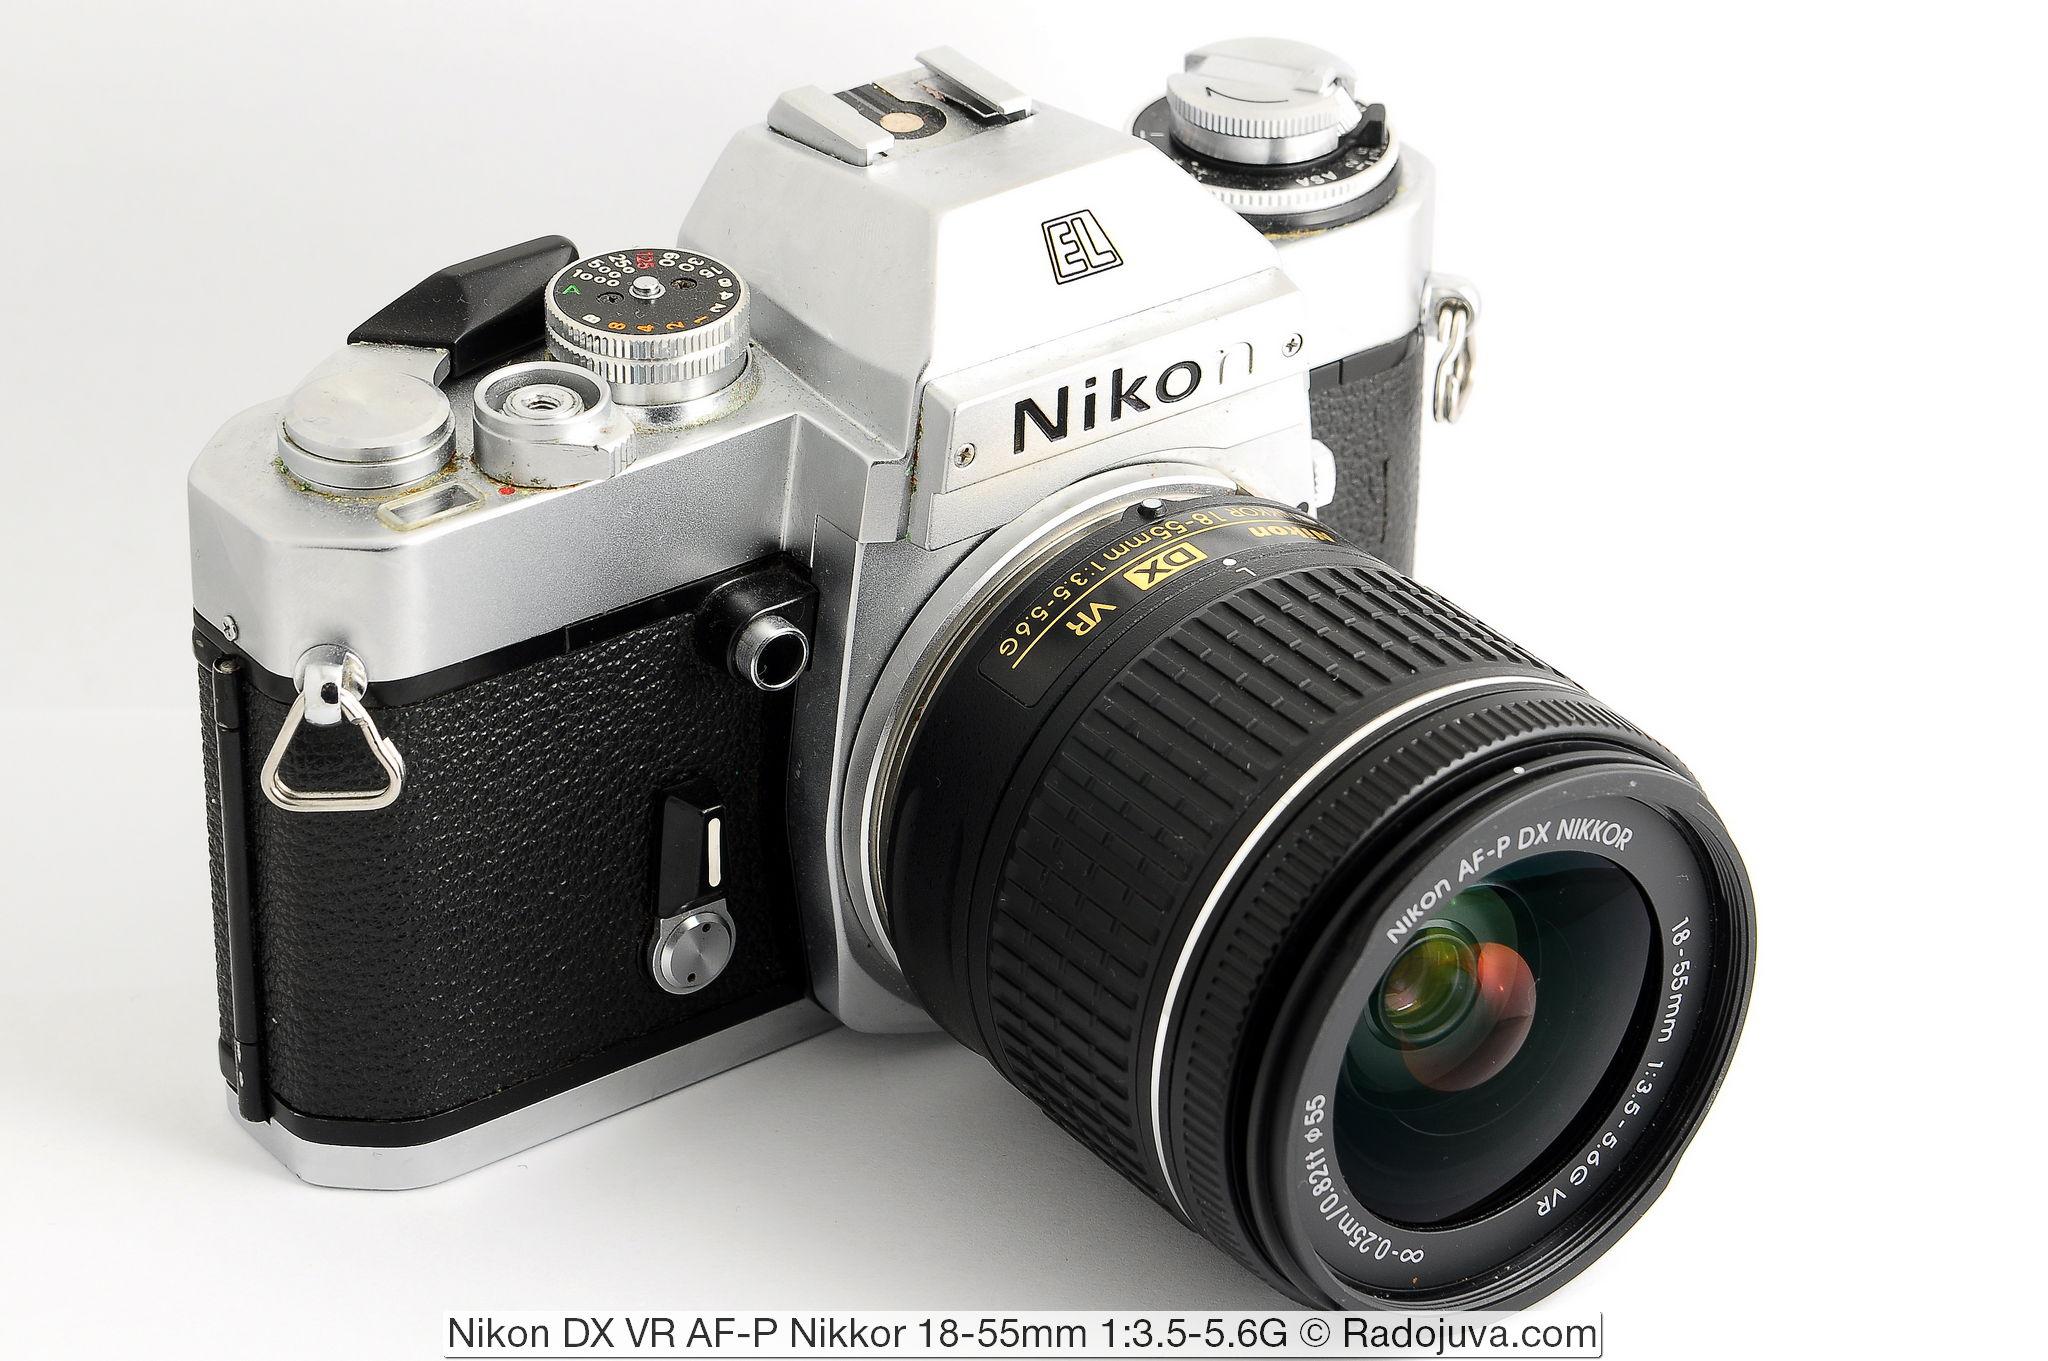 Nikon DX VR AF-P Nikkor 18-55mm 1:3.5-5.6G